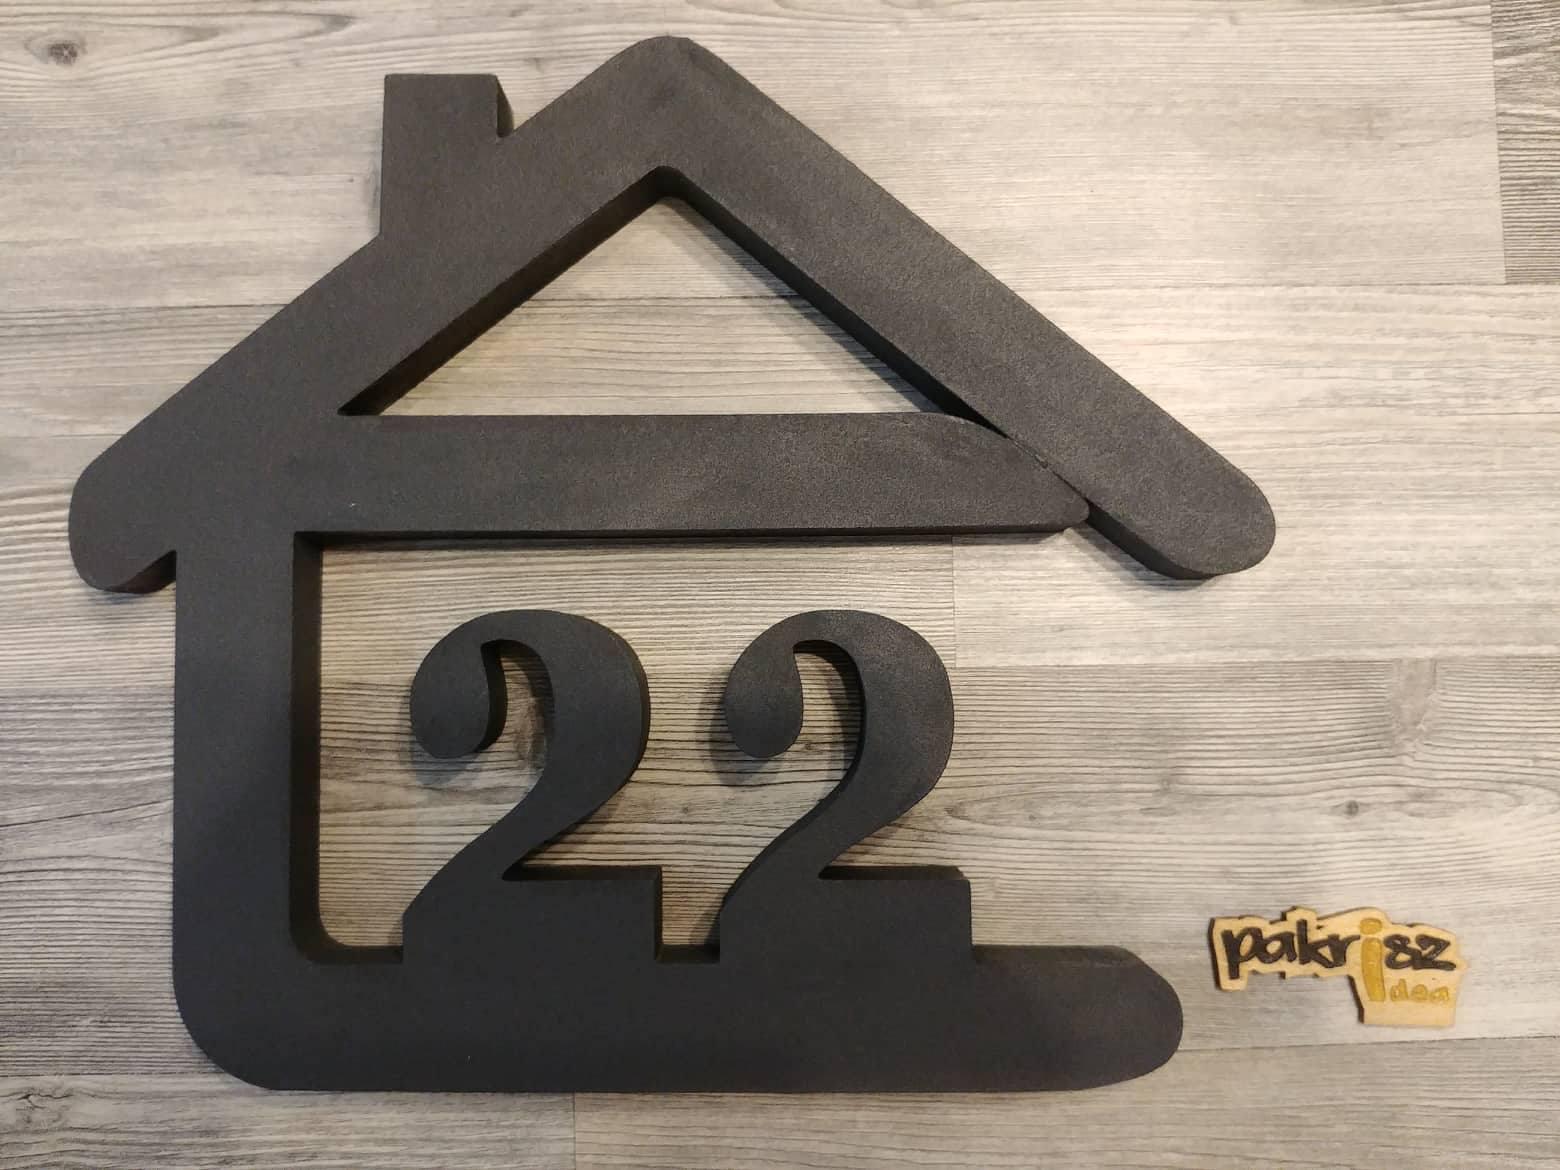 Originálne čísla na dom v domčeku - Obrázok č. 93